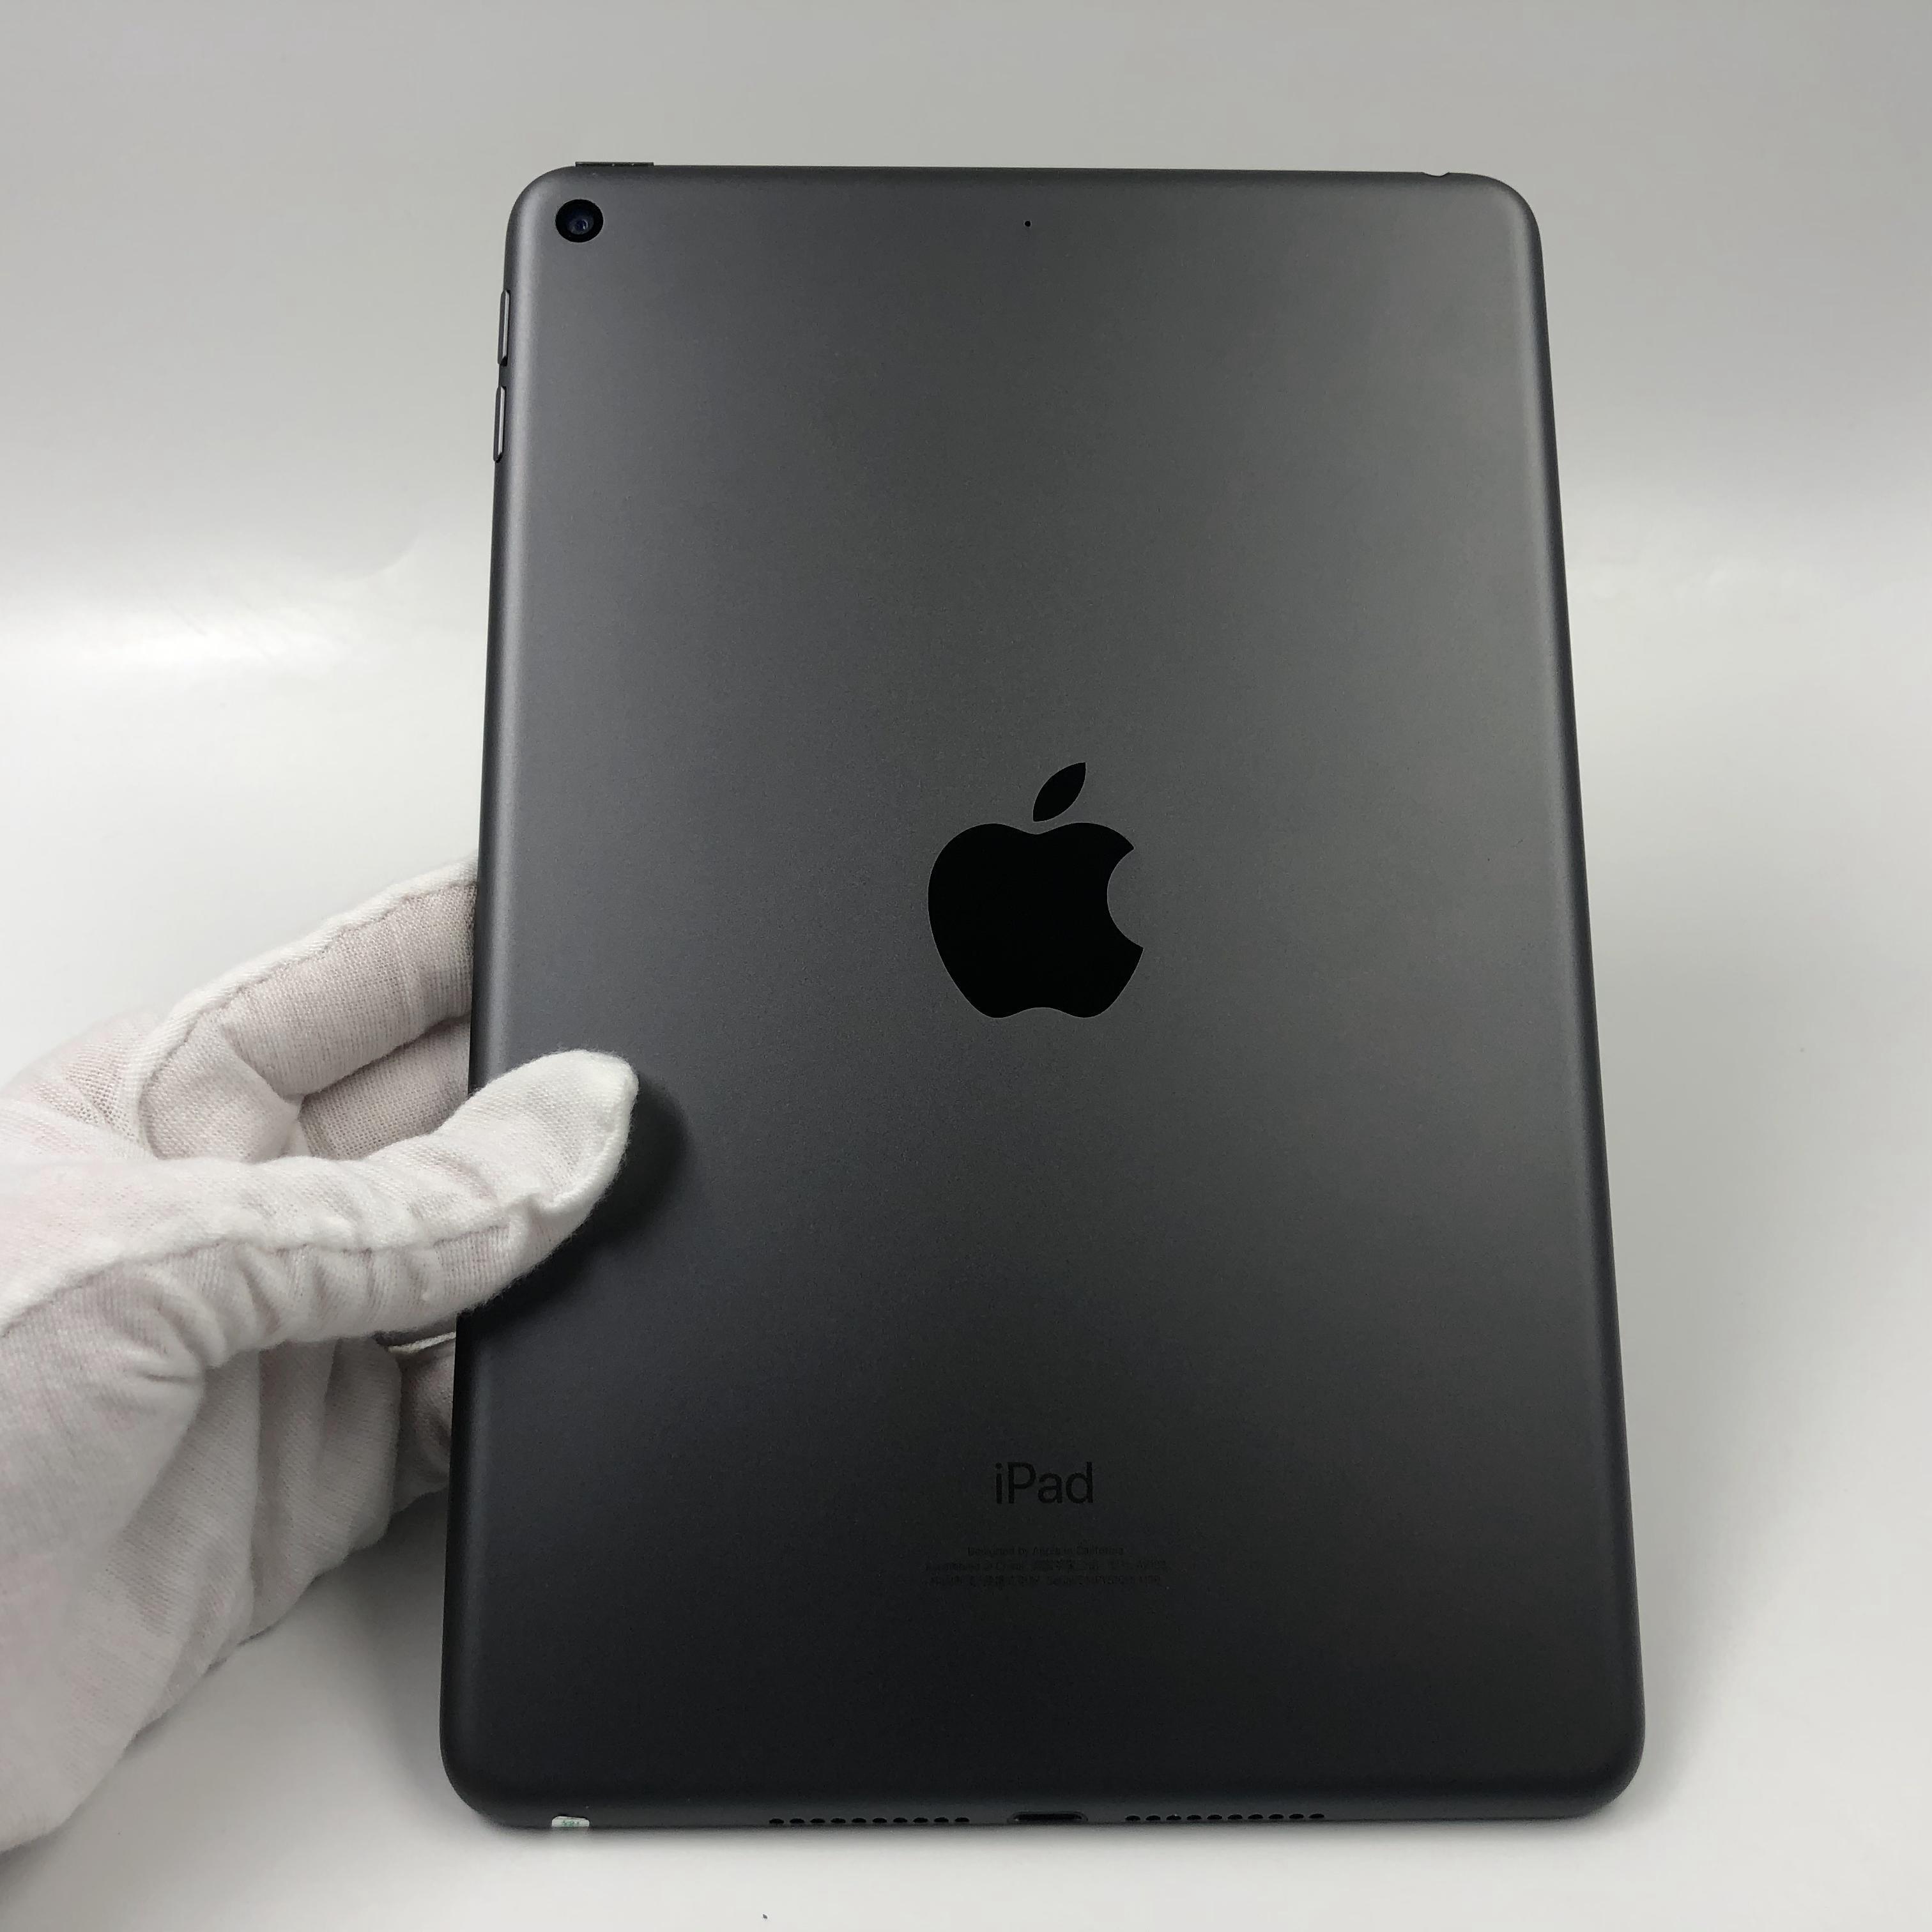 苹果【iPad mini5 7.9英寸 19款】WIFI版 银色 64G 国行 95新 真机实拍官保2022-01-19